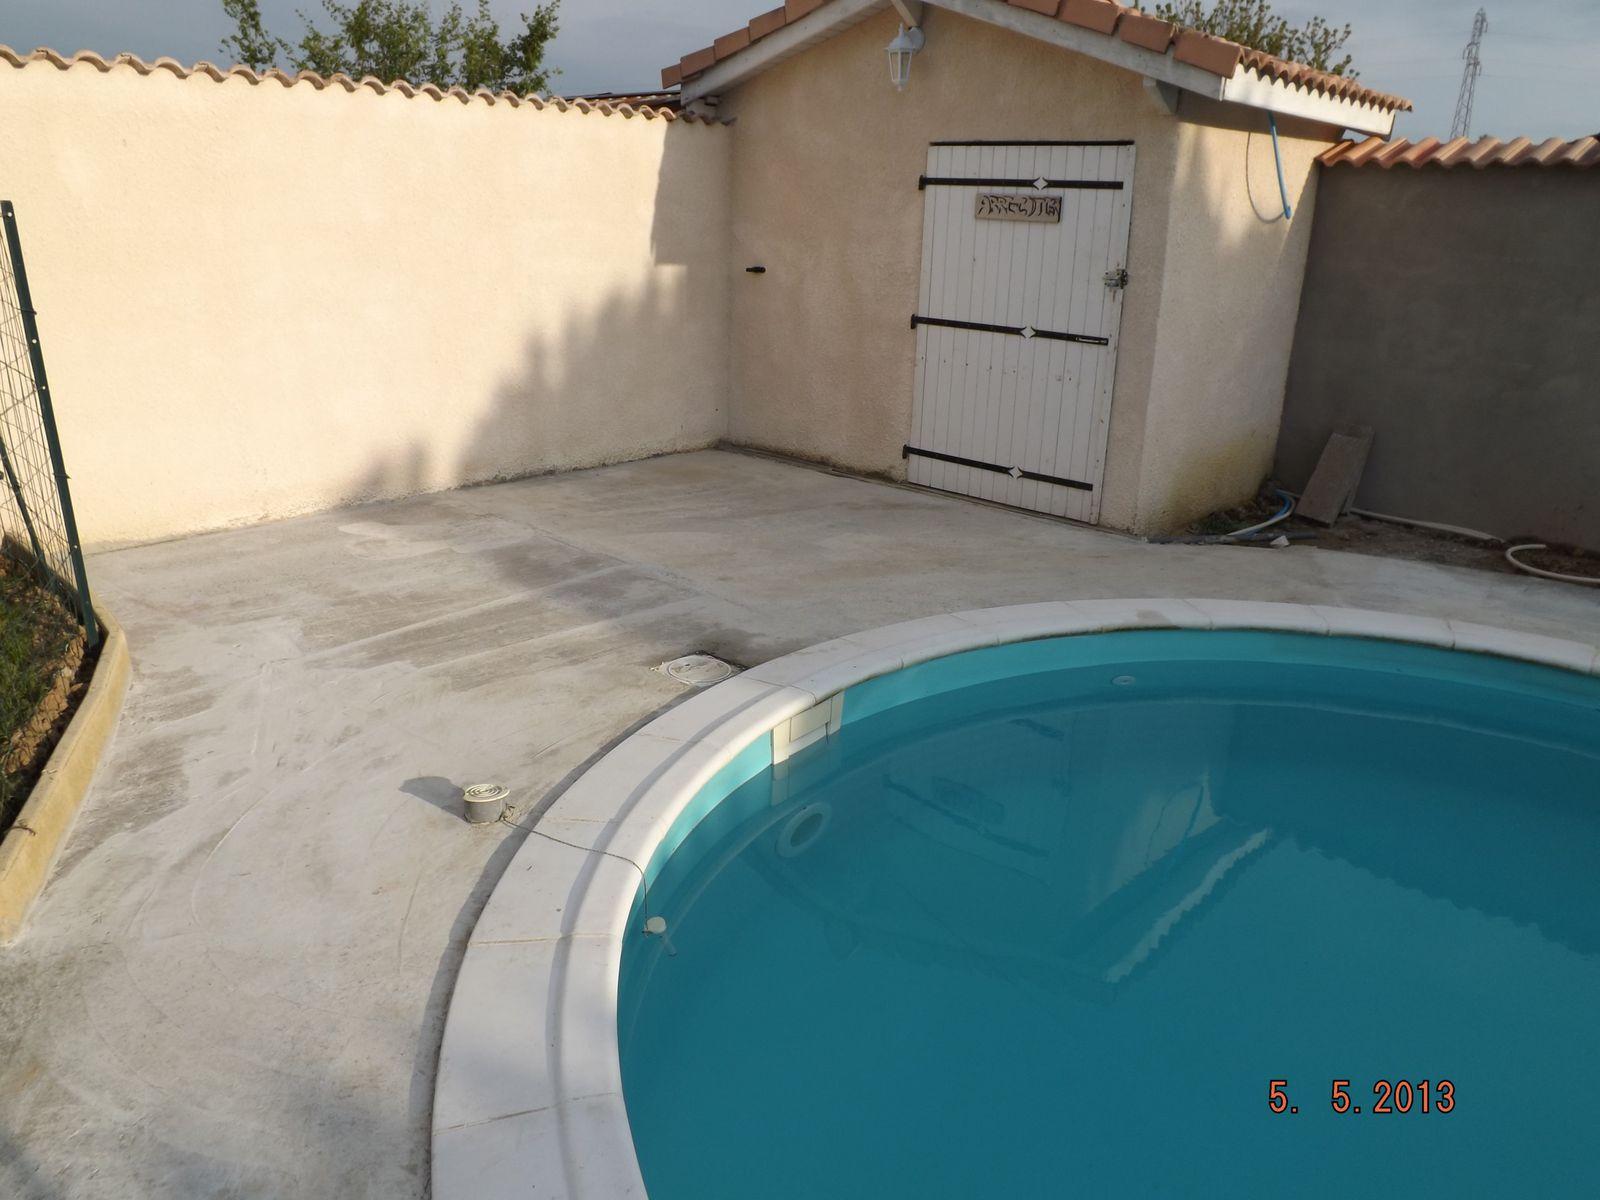 suite travaux sur dalle montage piscine waterair. Black Bedroom Furniture Sets. Home Design Ideas